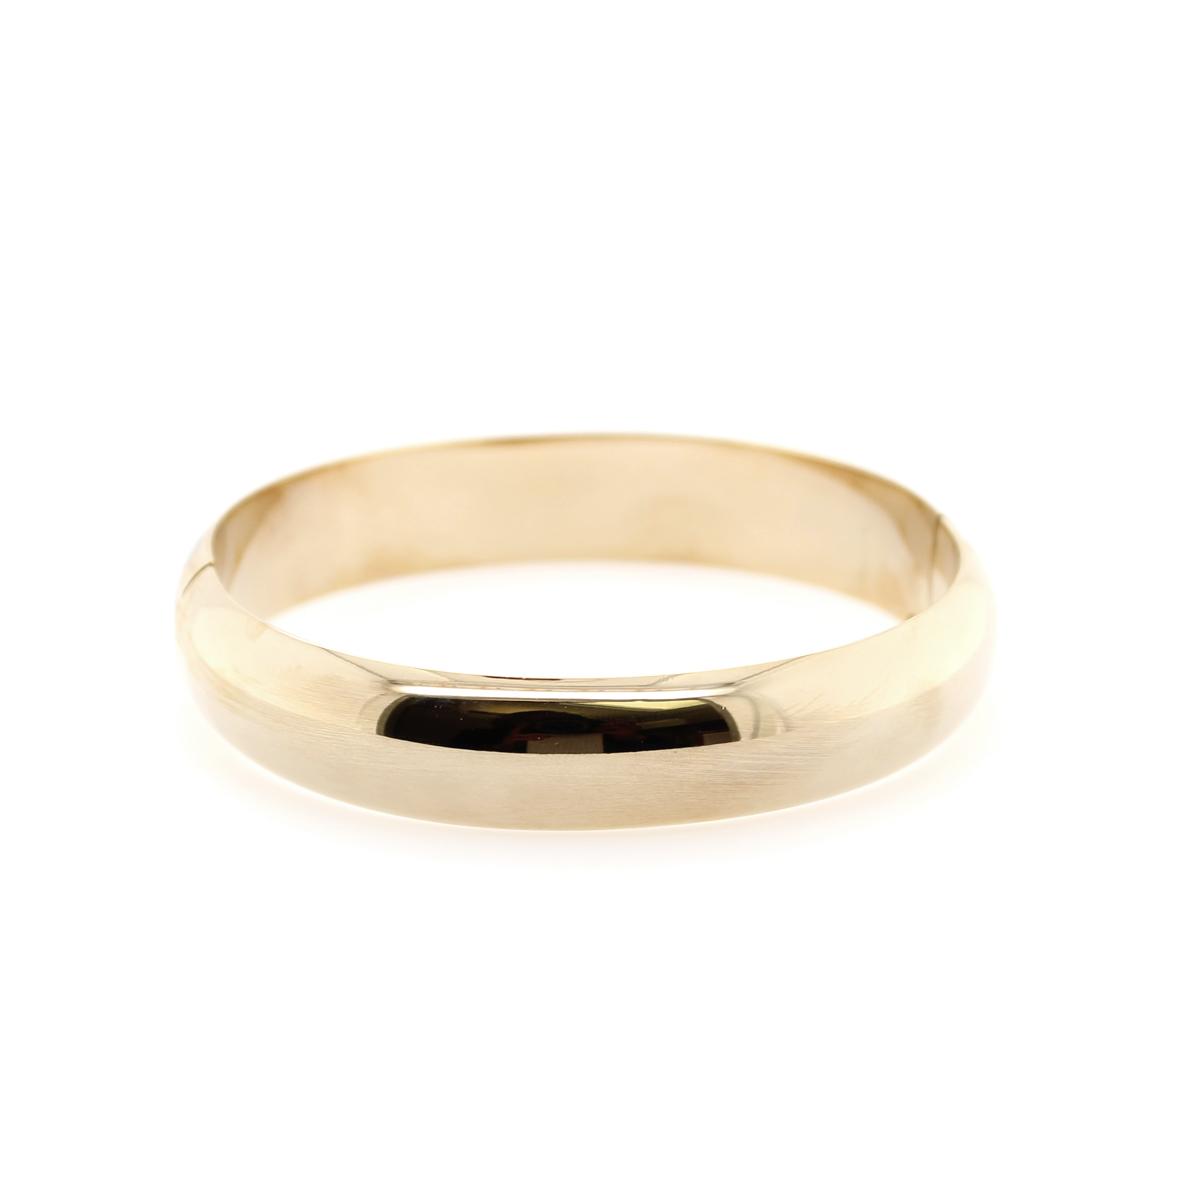 14 Karat Yellow Gold Filled 14mm Bangle Bracelet